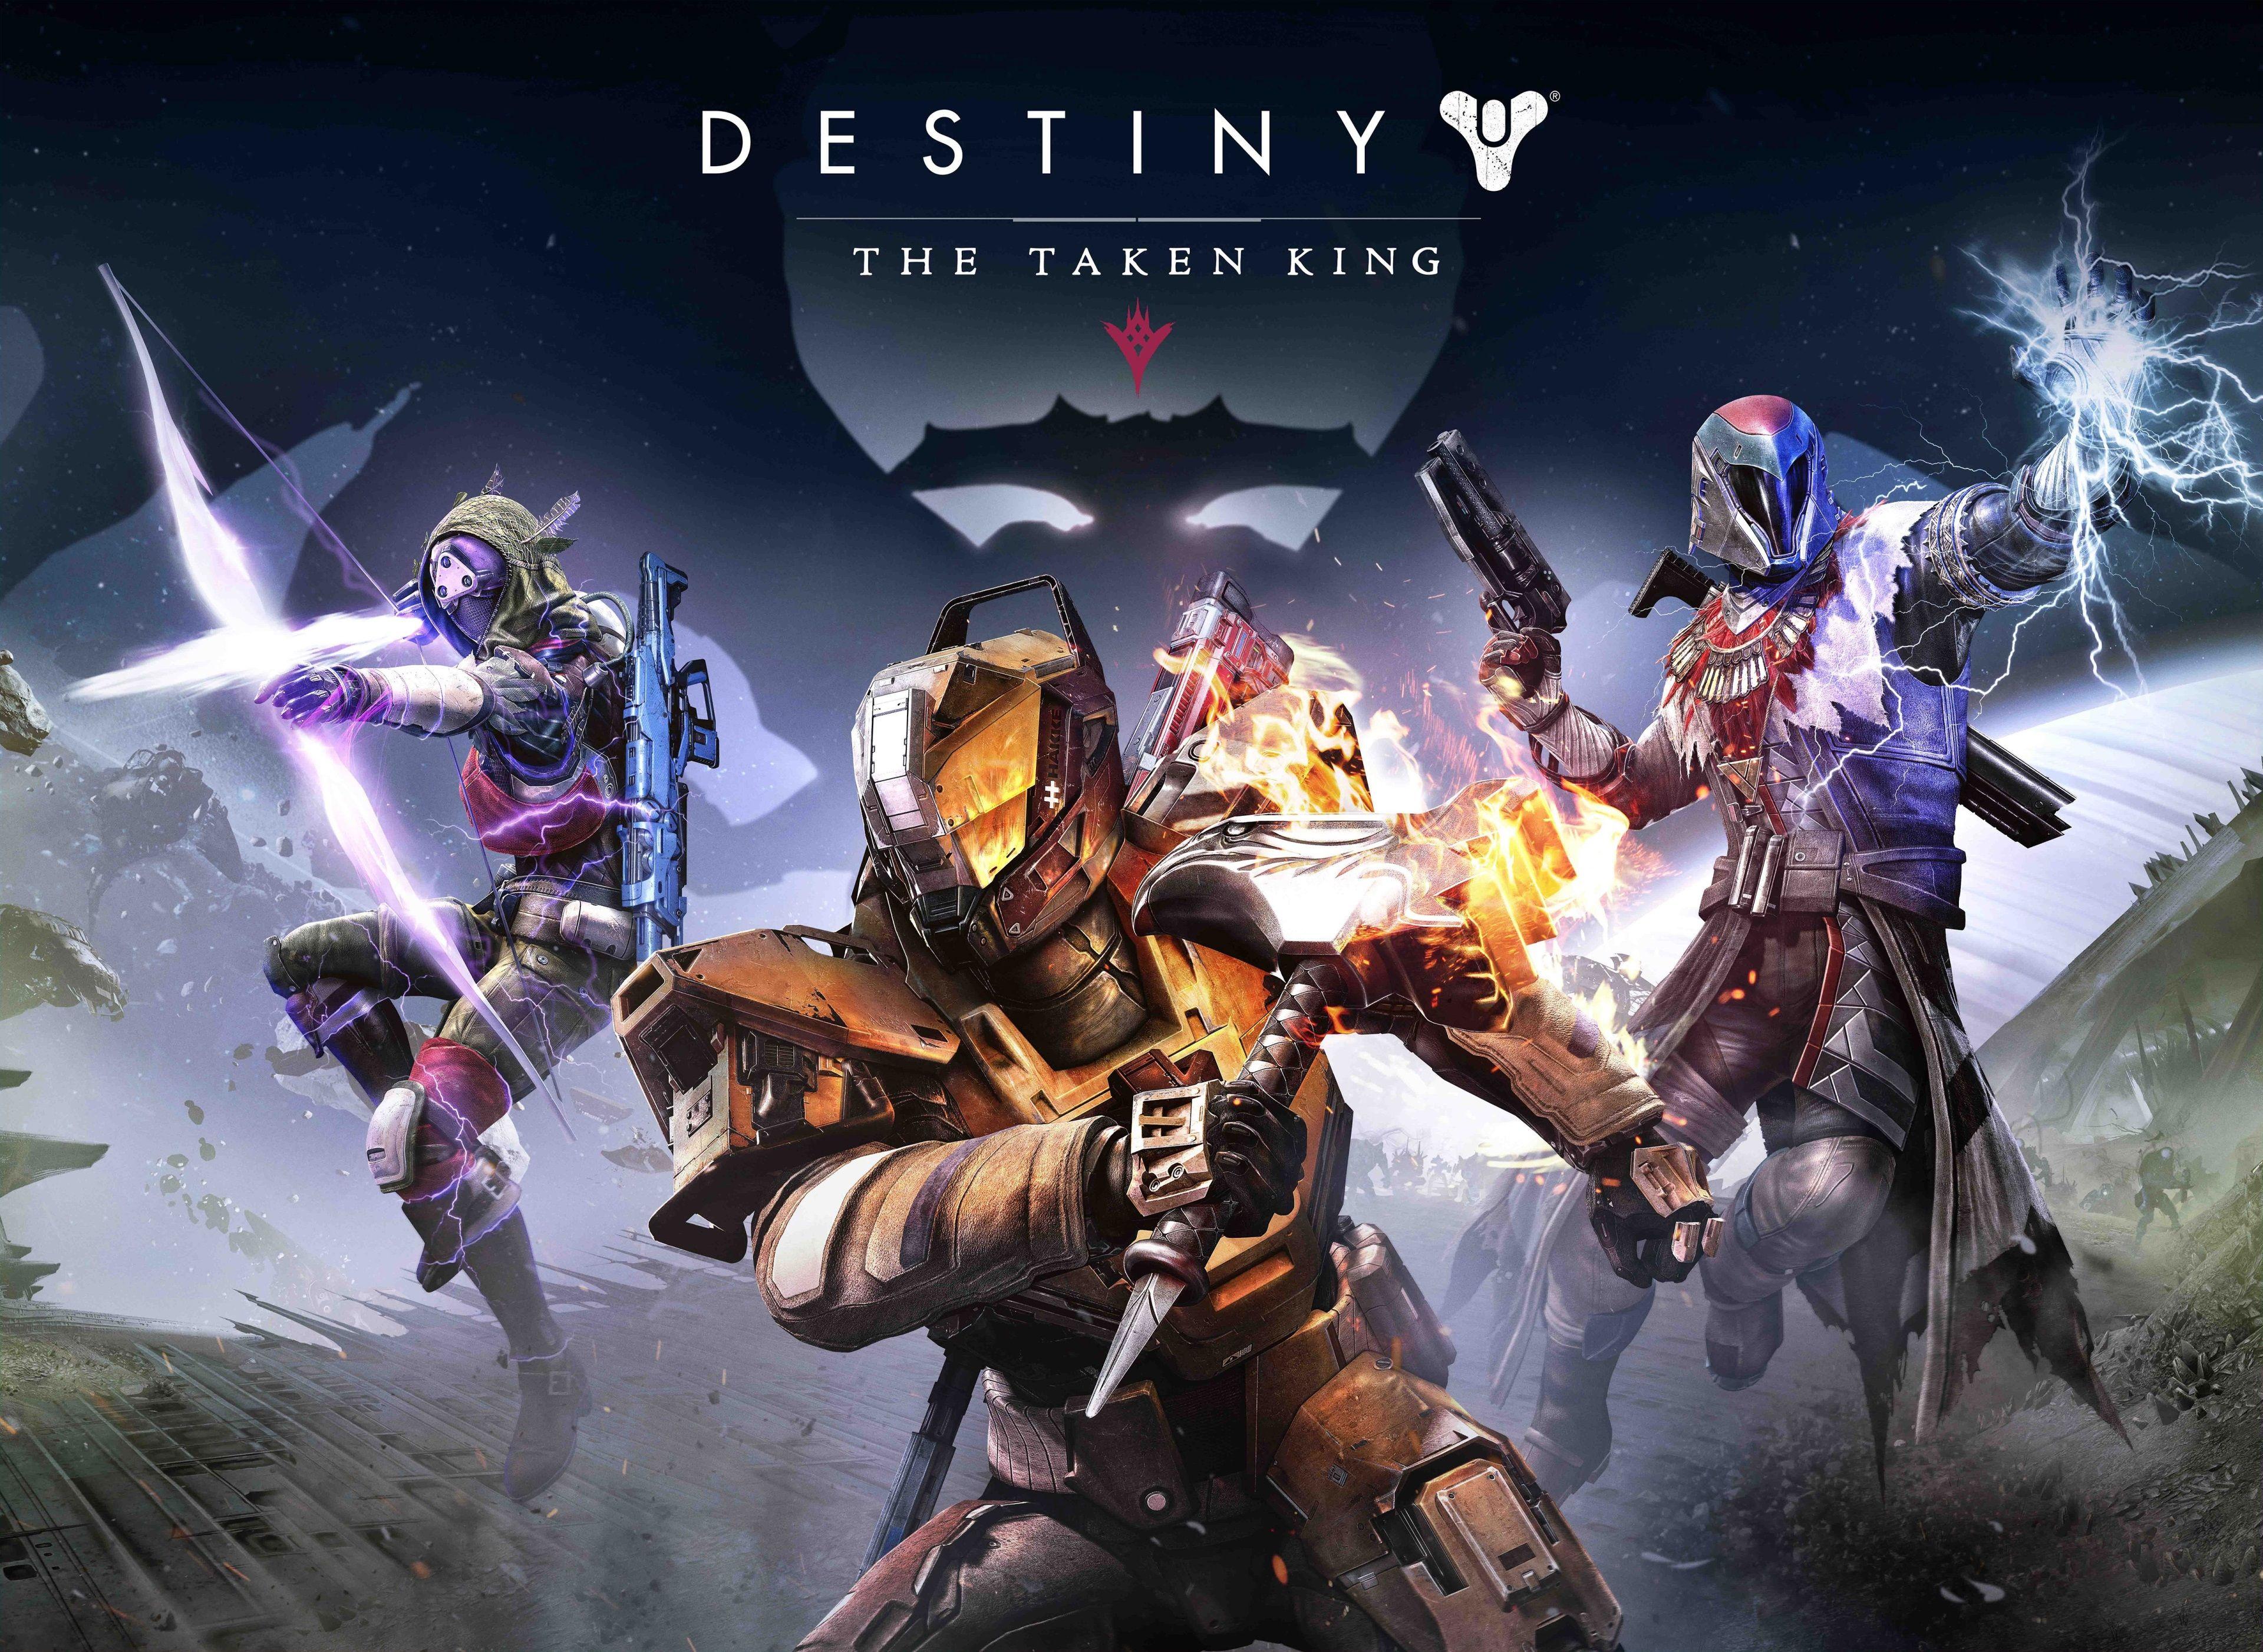 3840x2804 Destiny 4k Ultra Hd Desktop Wallpaper Destiny The Taken King The Taken Destiny